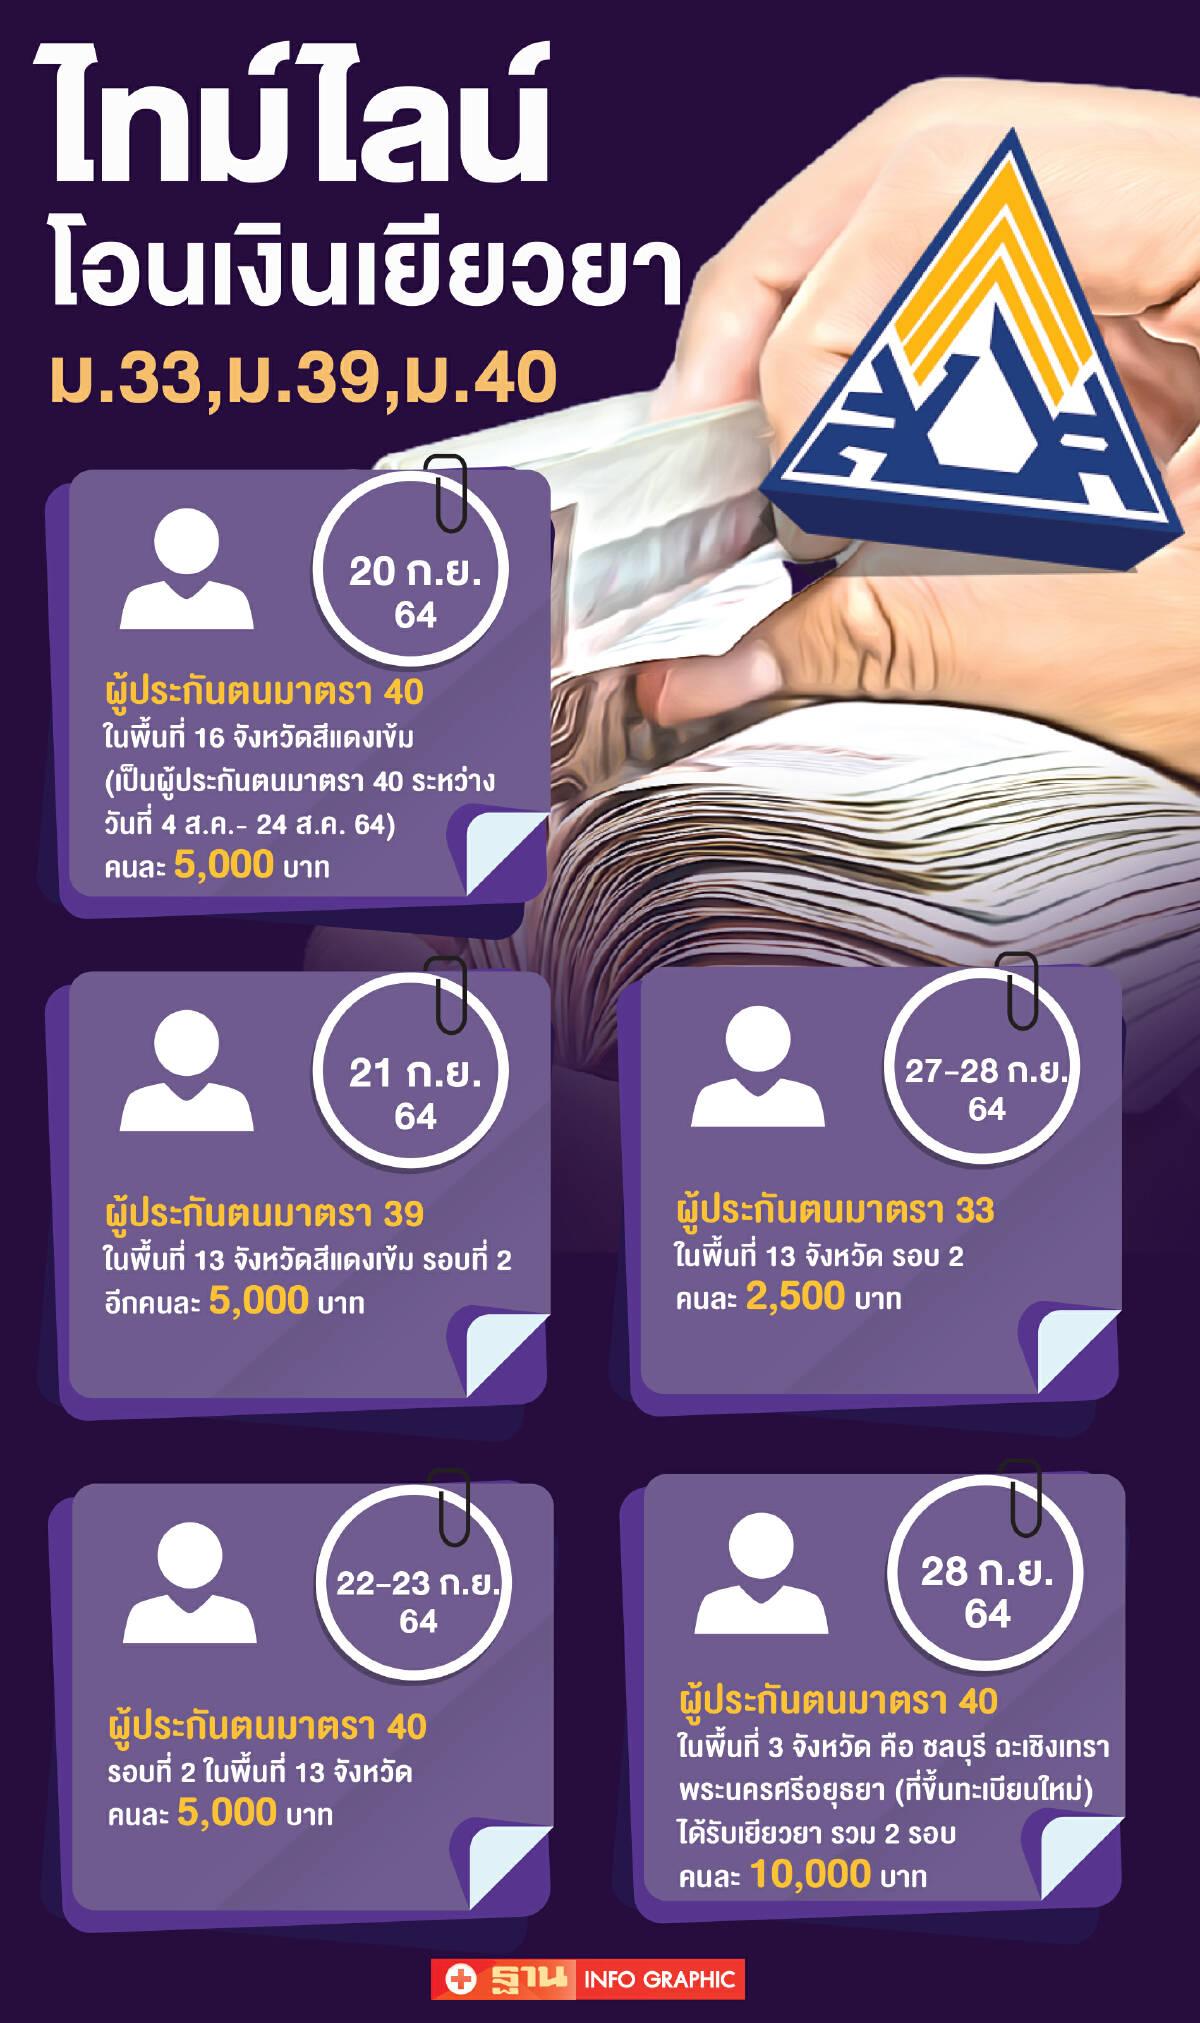 เช็กด่วน! ประกันสังคม ม.40 รับเงินเยียวยา ไทม์ไลน์ใหม่จ่ายวันแรก 20 ก.ย.